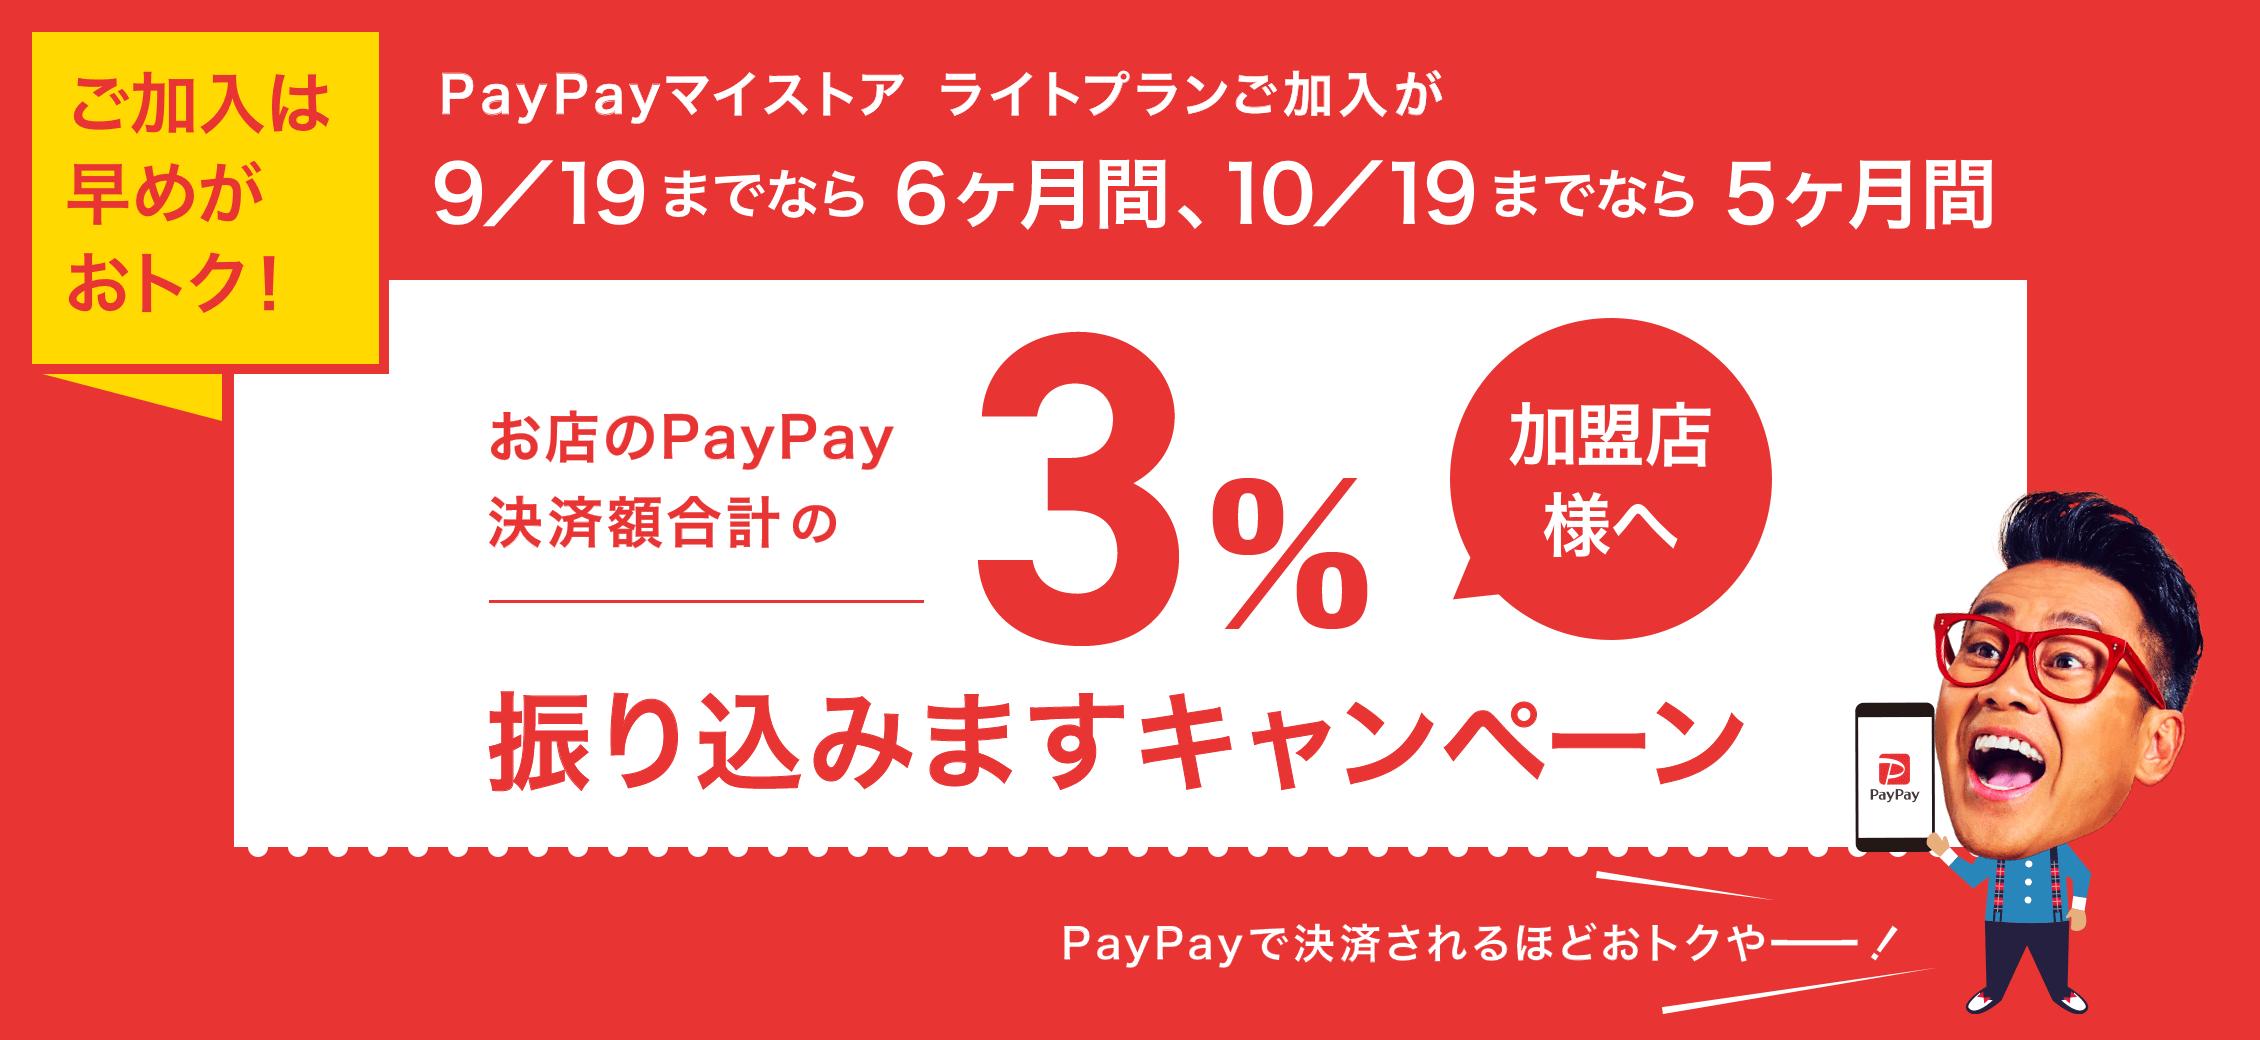 PayPayマイストア ライトプランご加入で3%振り込みますキャンペーン